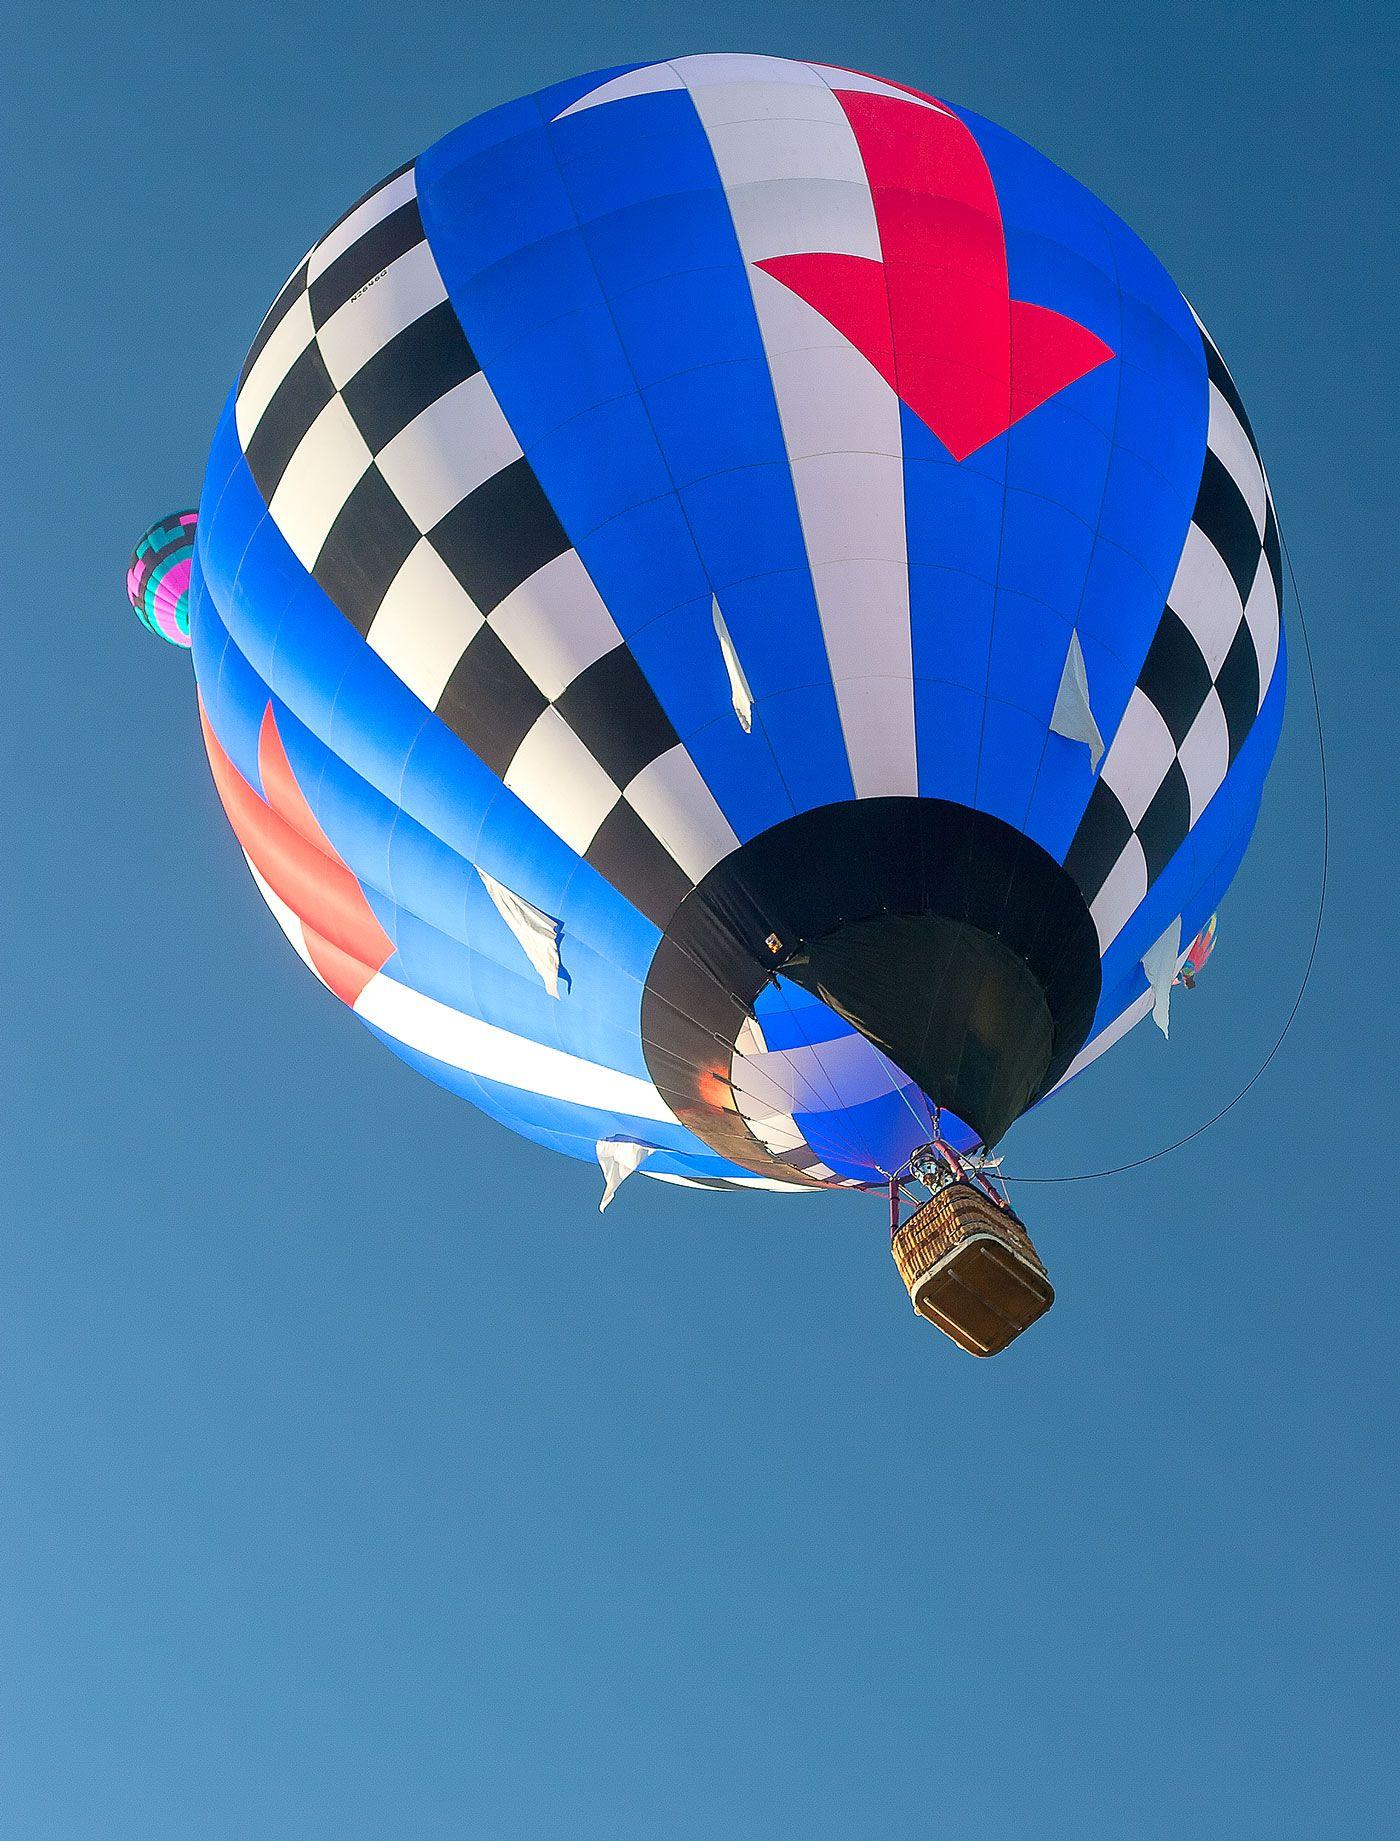 Albuquerque Balloon Fiesta Oct. 311, 2020 Albuquerque